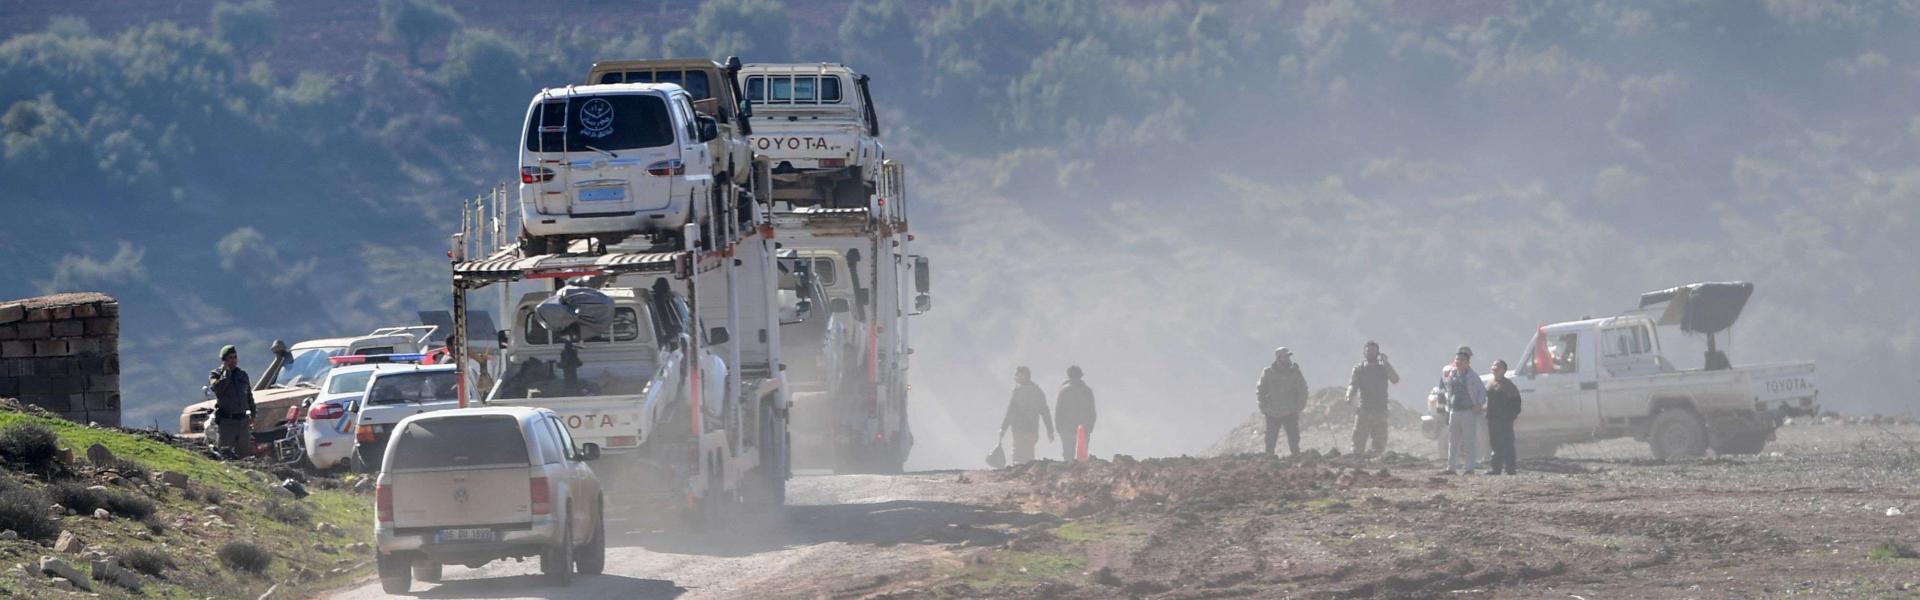 ABD ve Rusya, Zeytin Dalı Operasyonu'na karşı işbirliği yapabilir